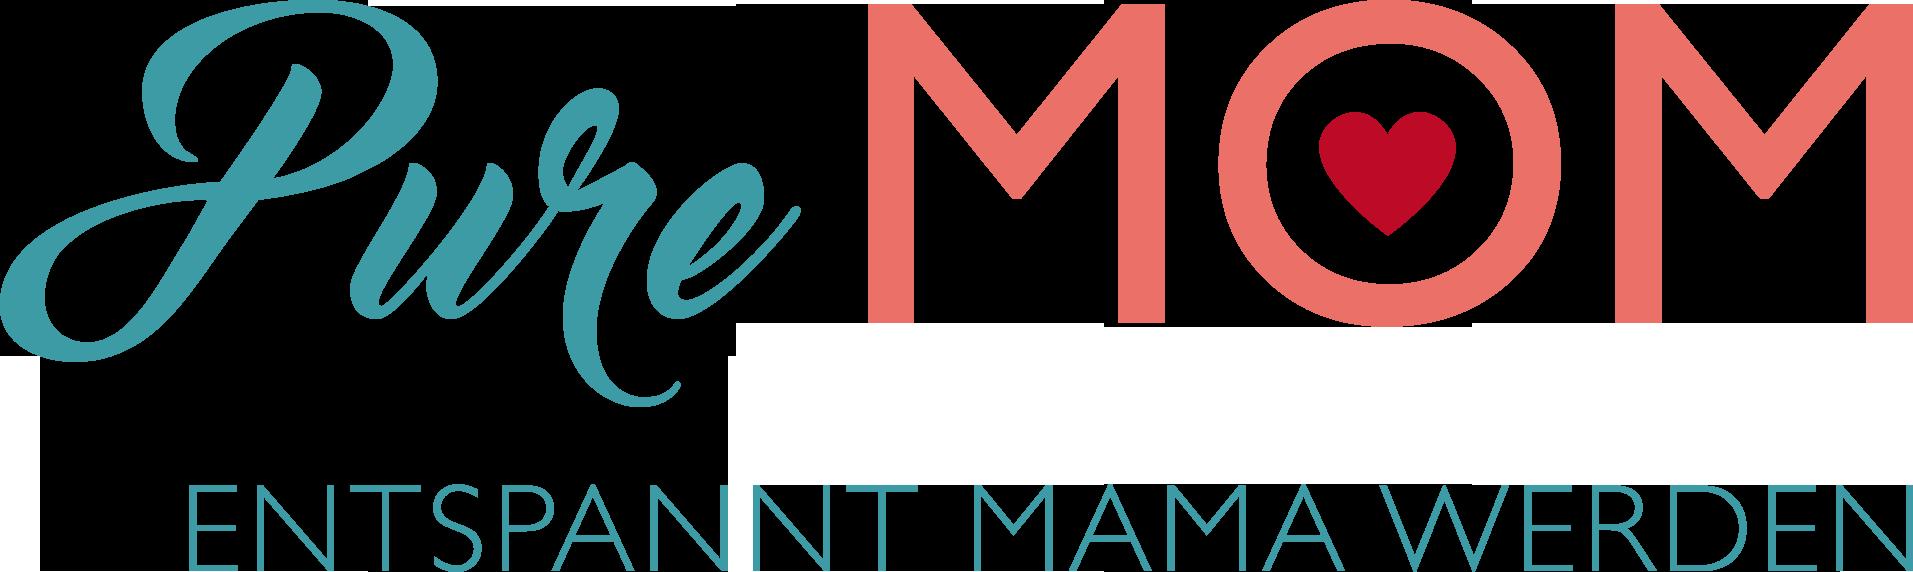 PureMOM – entspannt Mama werden